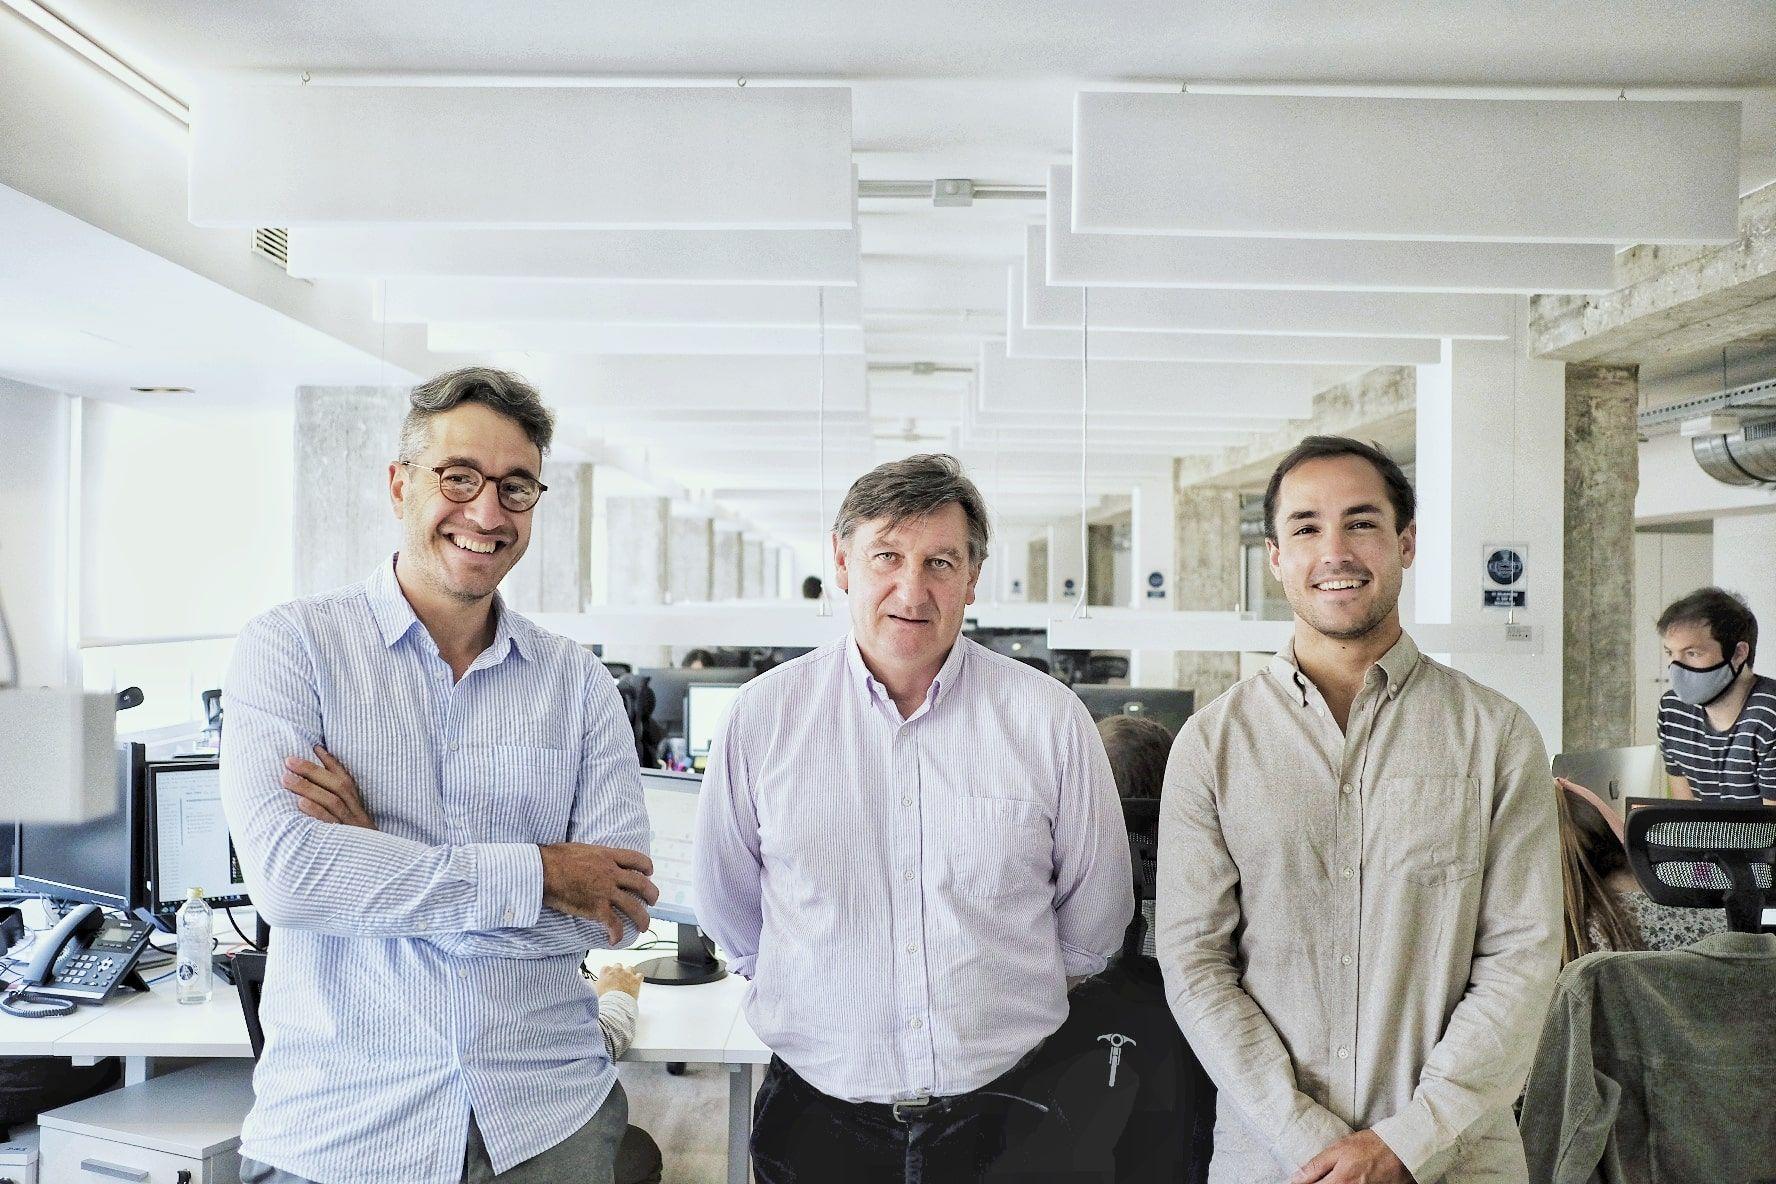 """Pecunpay, lanza FINTANK su """"Fintech Builder"""" de innovación en medios de pagos digitales"""